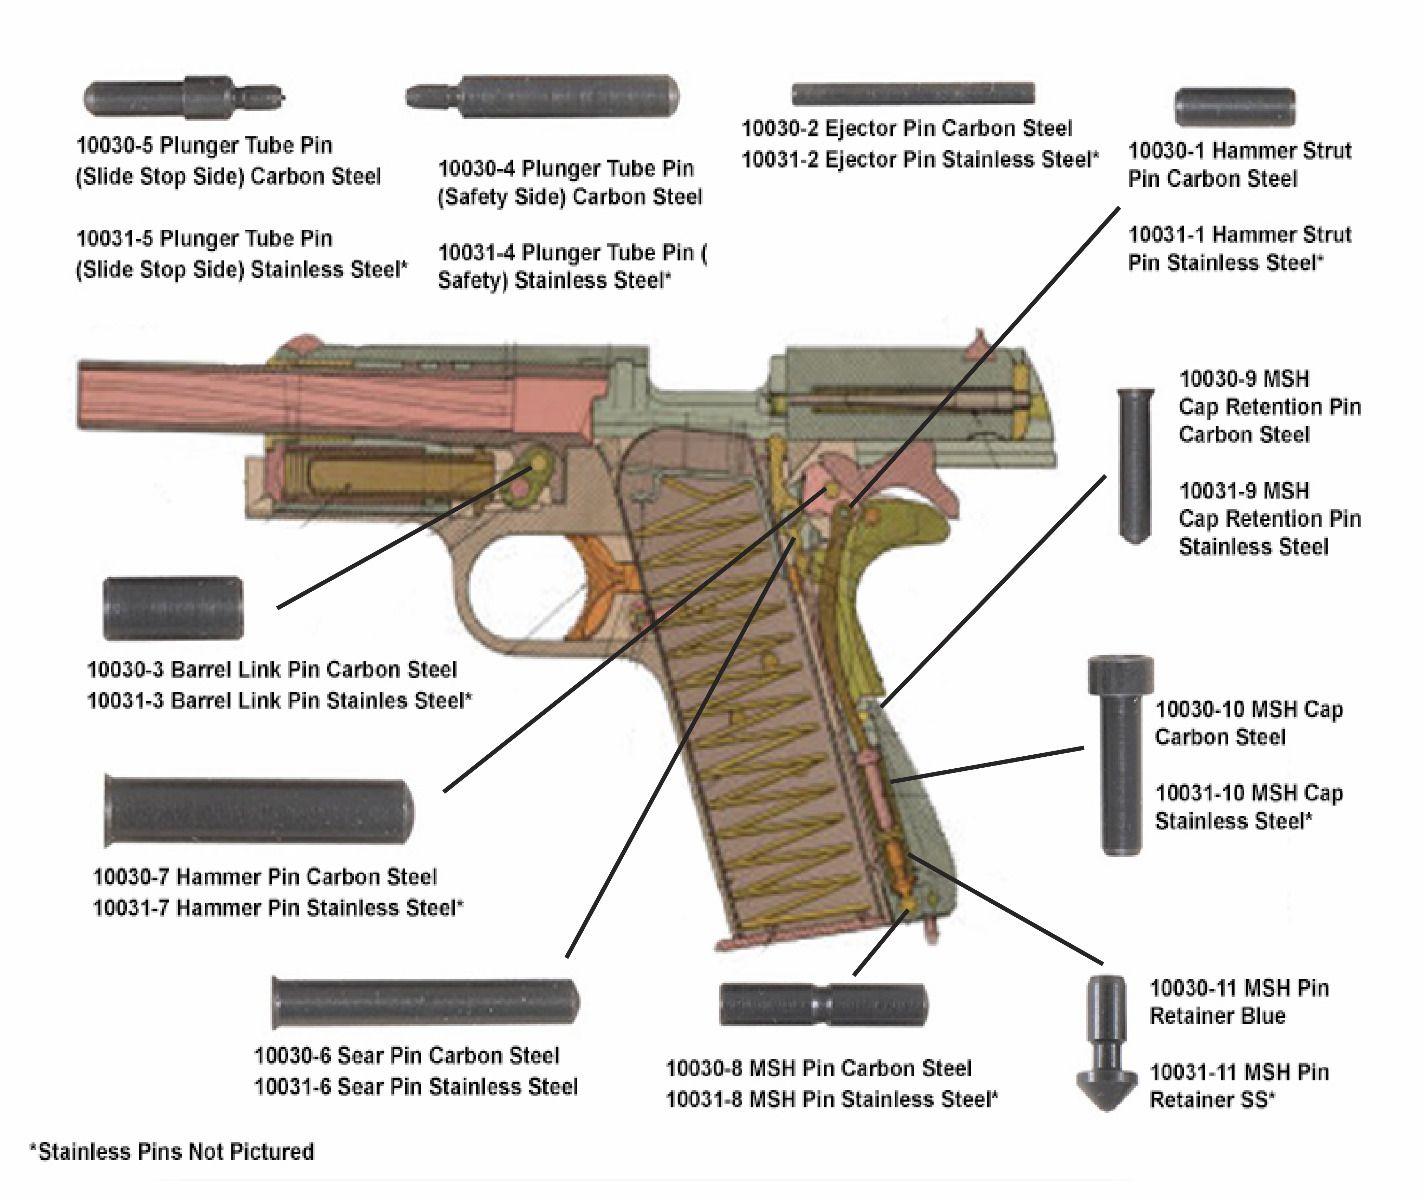 Hammer Pin SS